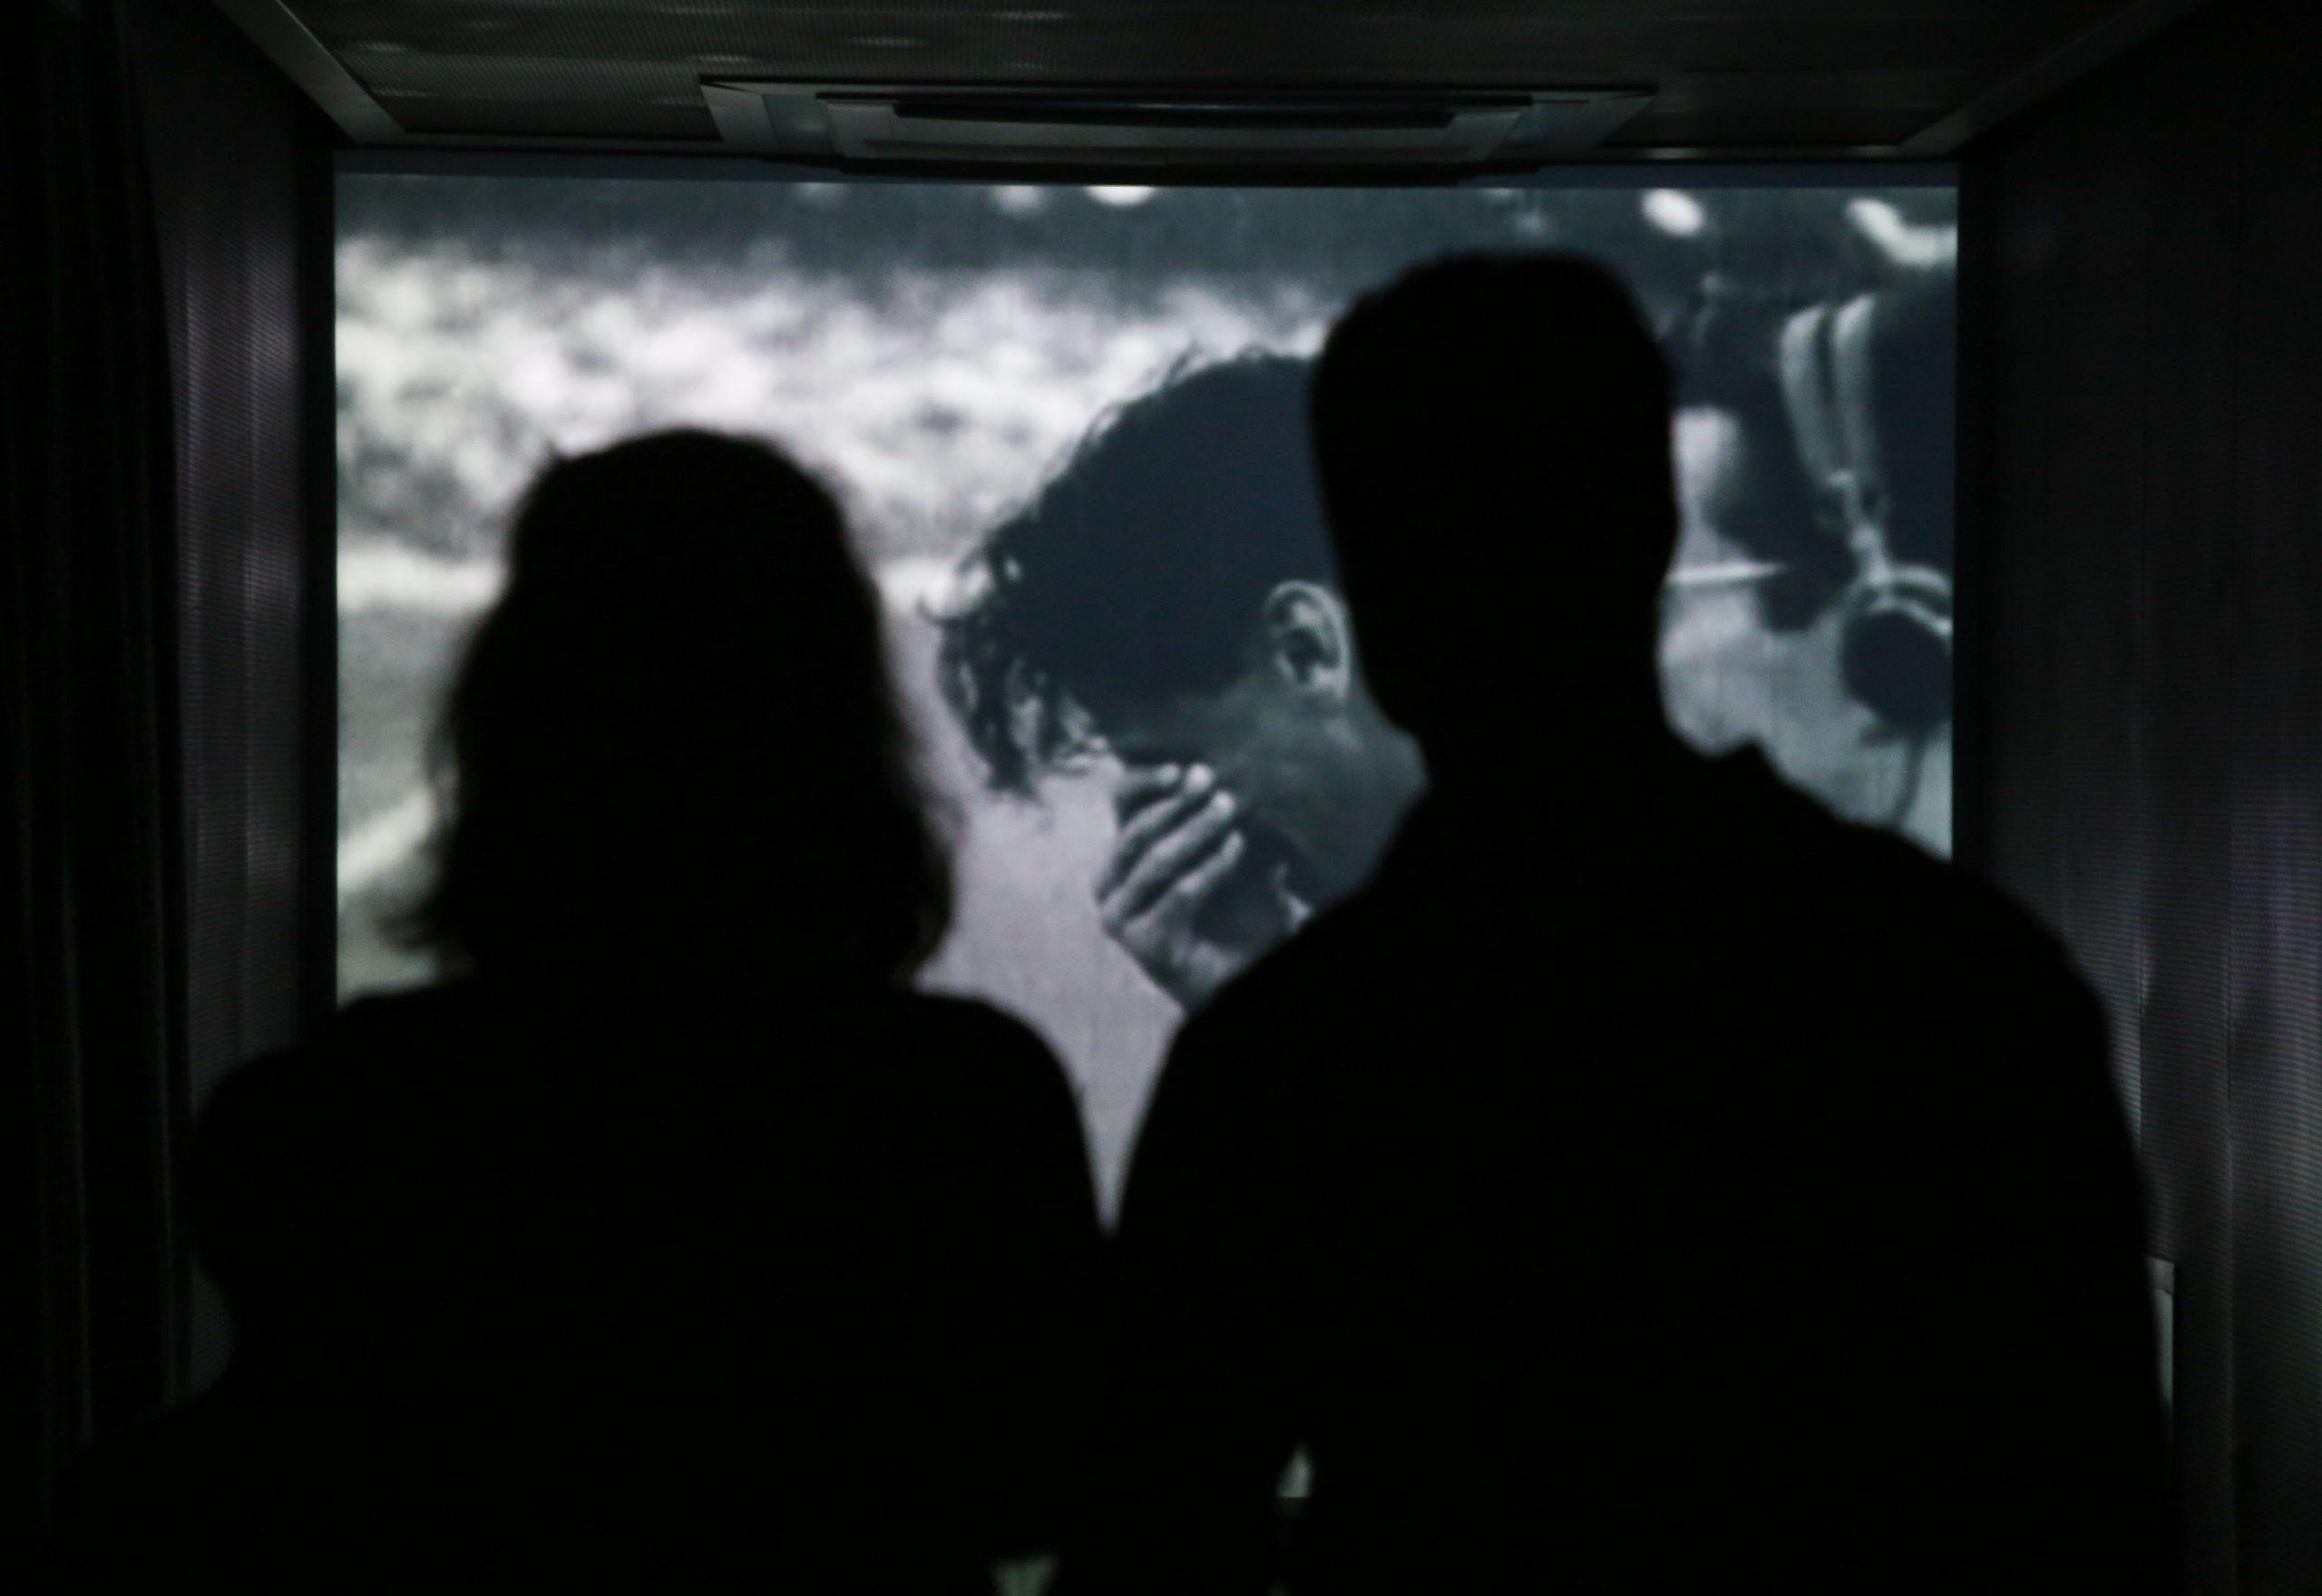 Sala Rito de Passagem: um homem e uma mulher de costas, em contraluz, observam de pé a imagem projetada na parede à frente deles de um homem chorando com a mão no rosto.